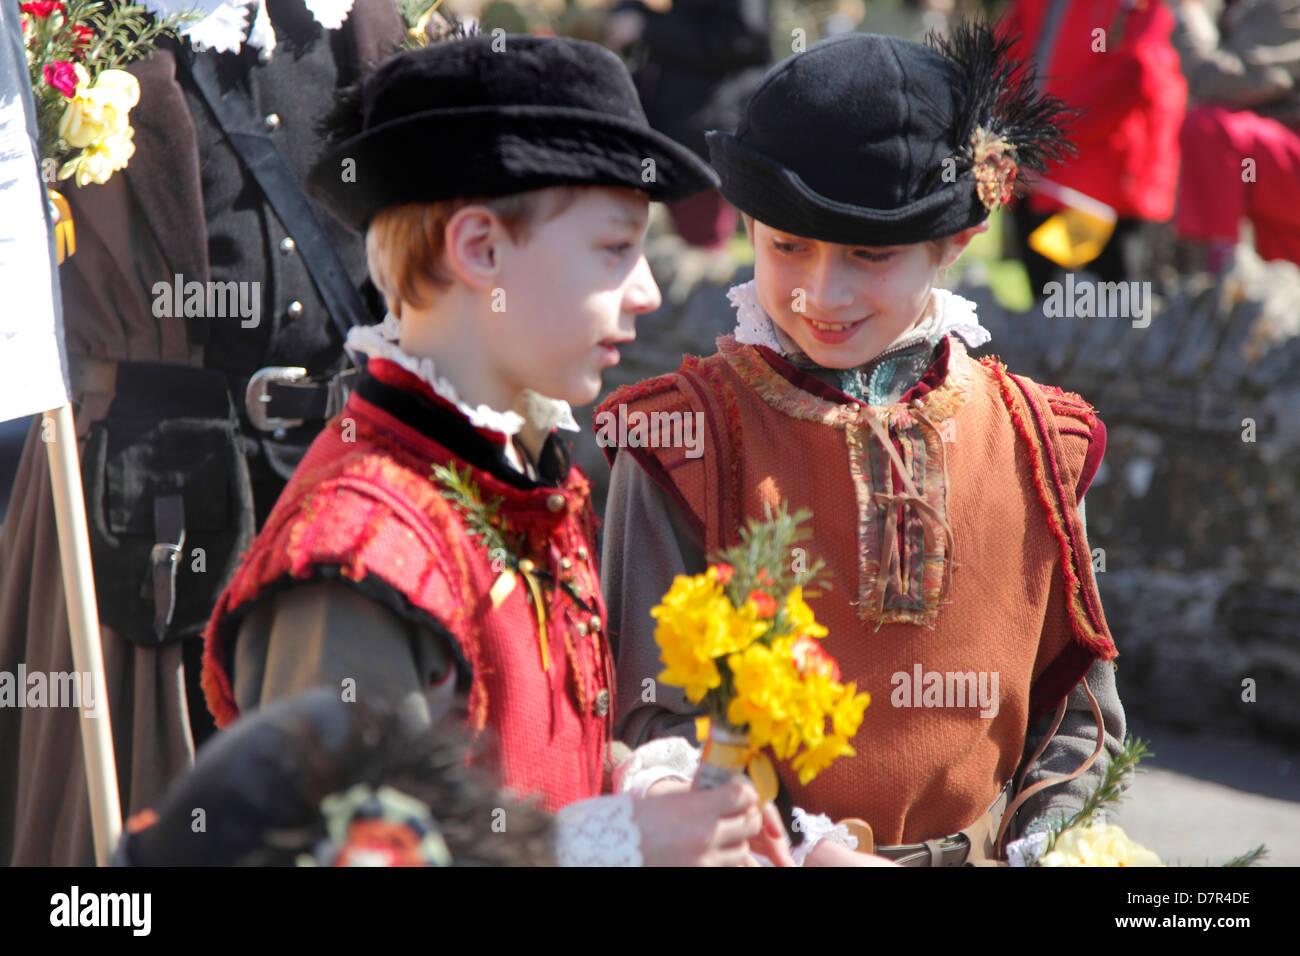 Deux jeunes garçons Page shakespearien au défilé commémoratif anniversaire annuel à Stratford Photo Stock